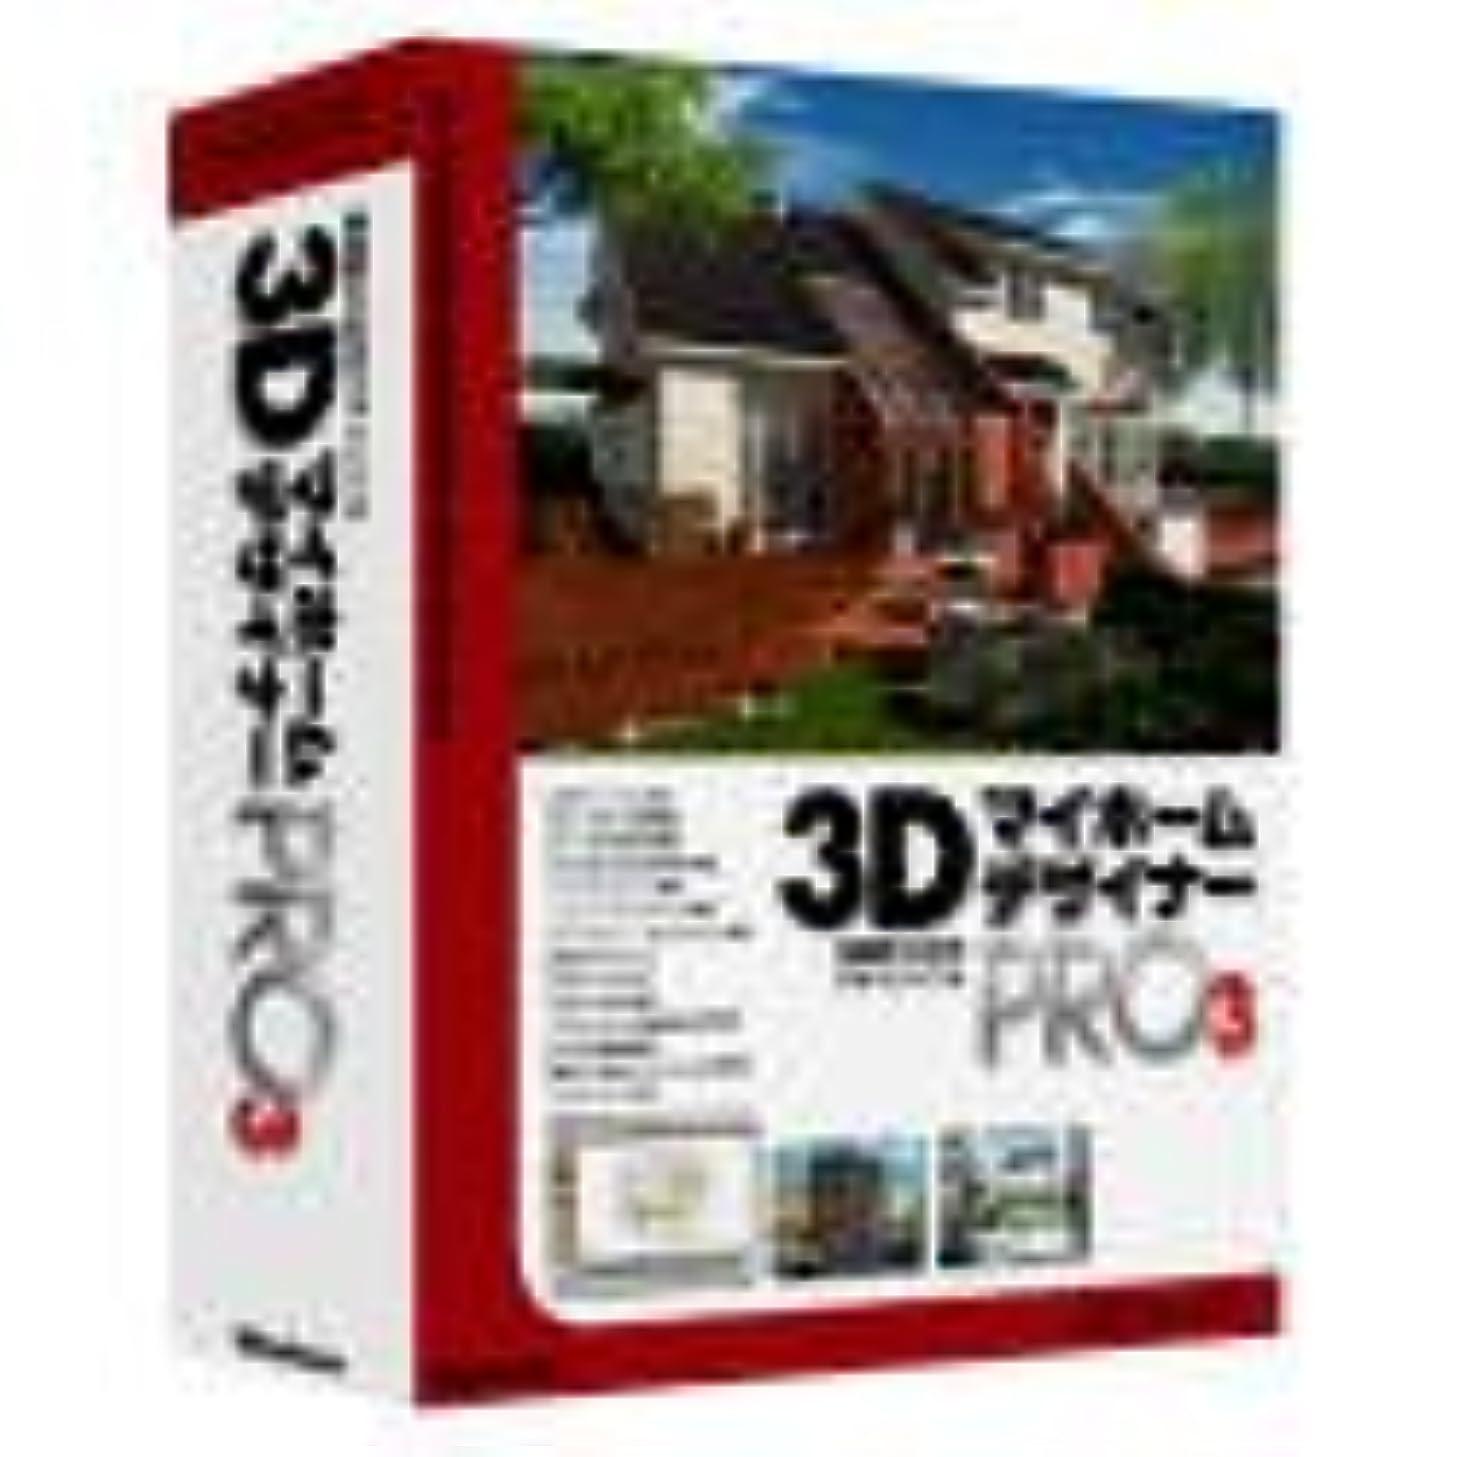 アコードレンダークリケット3Dマイホームデザイナー Pro 3